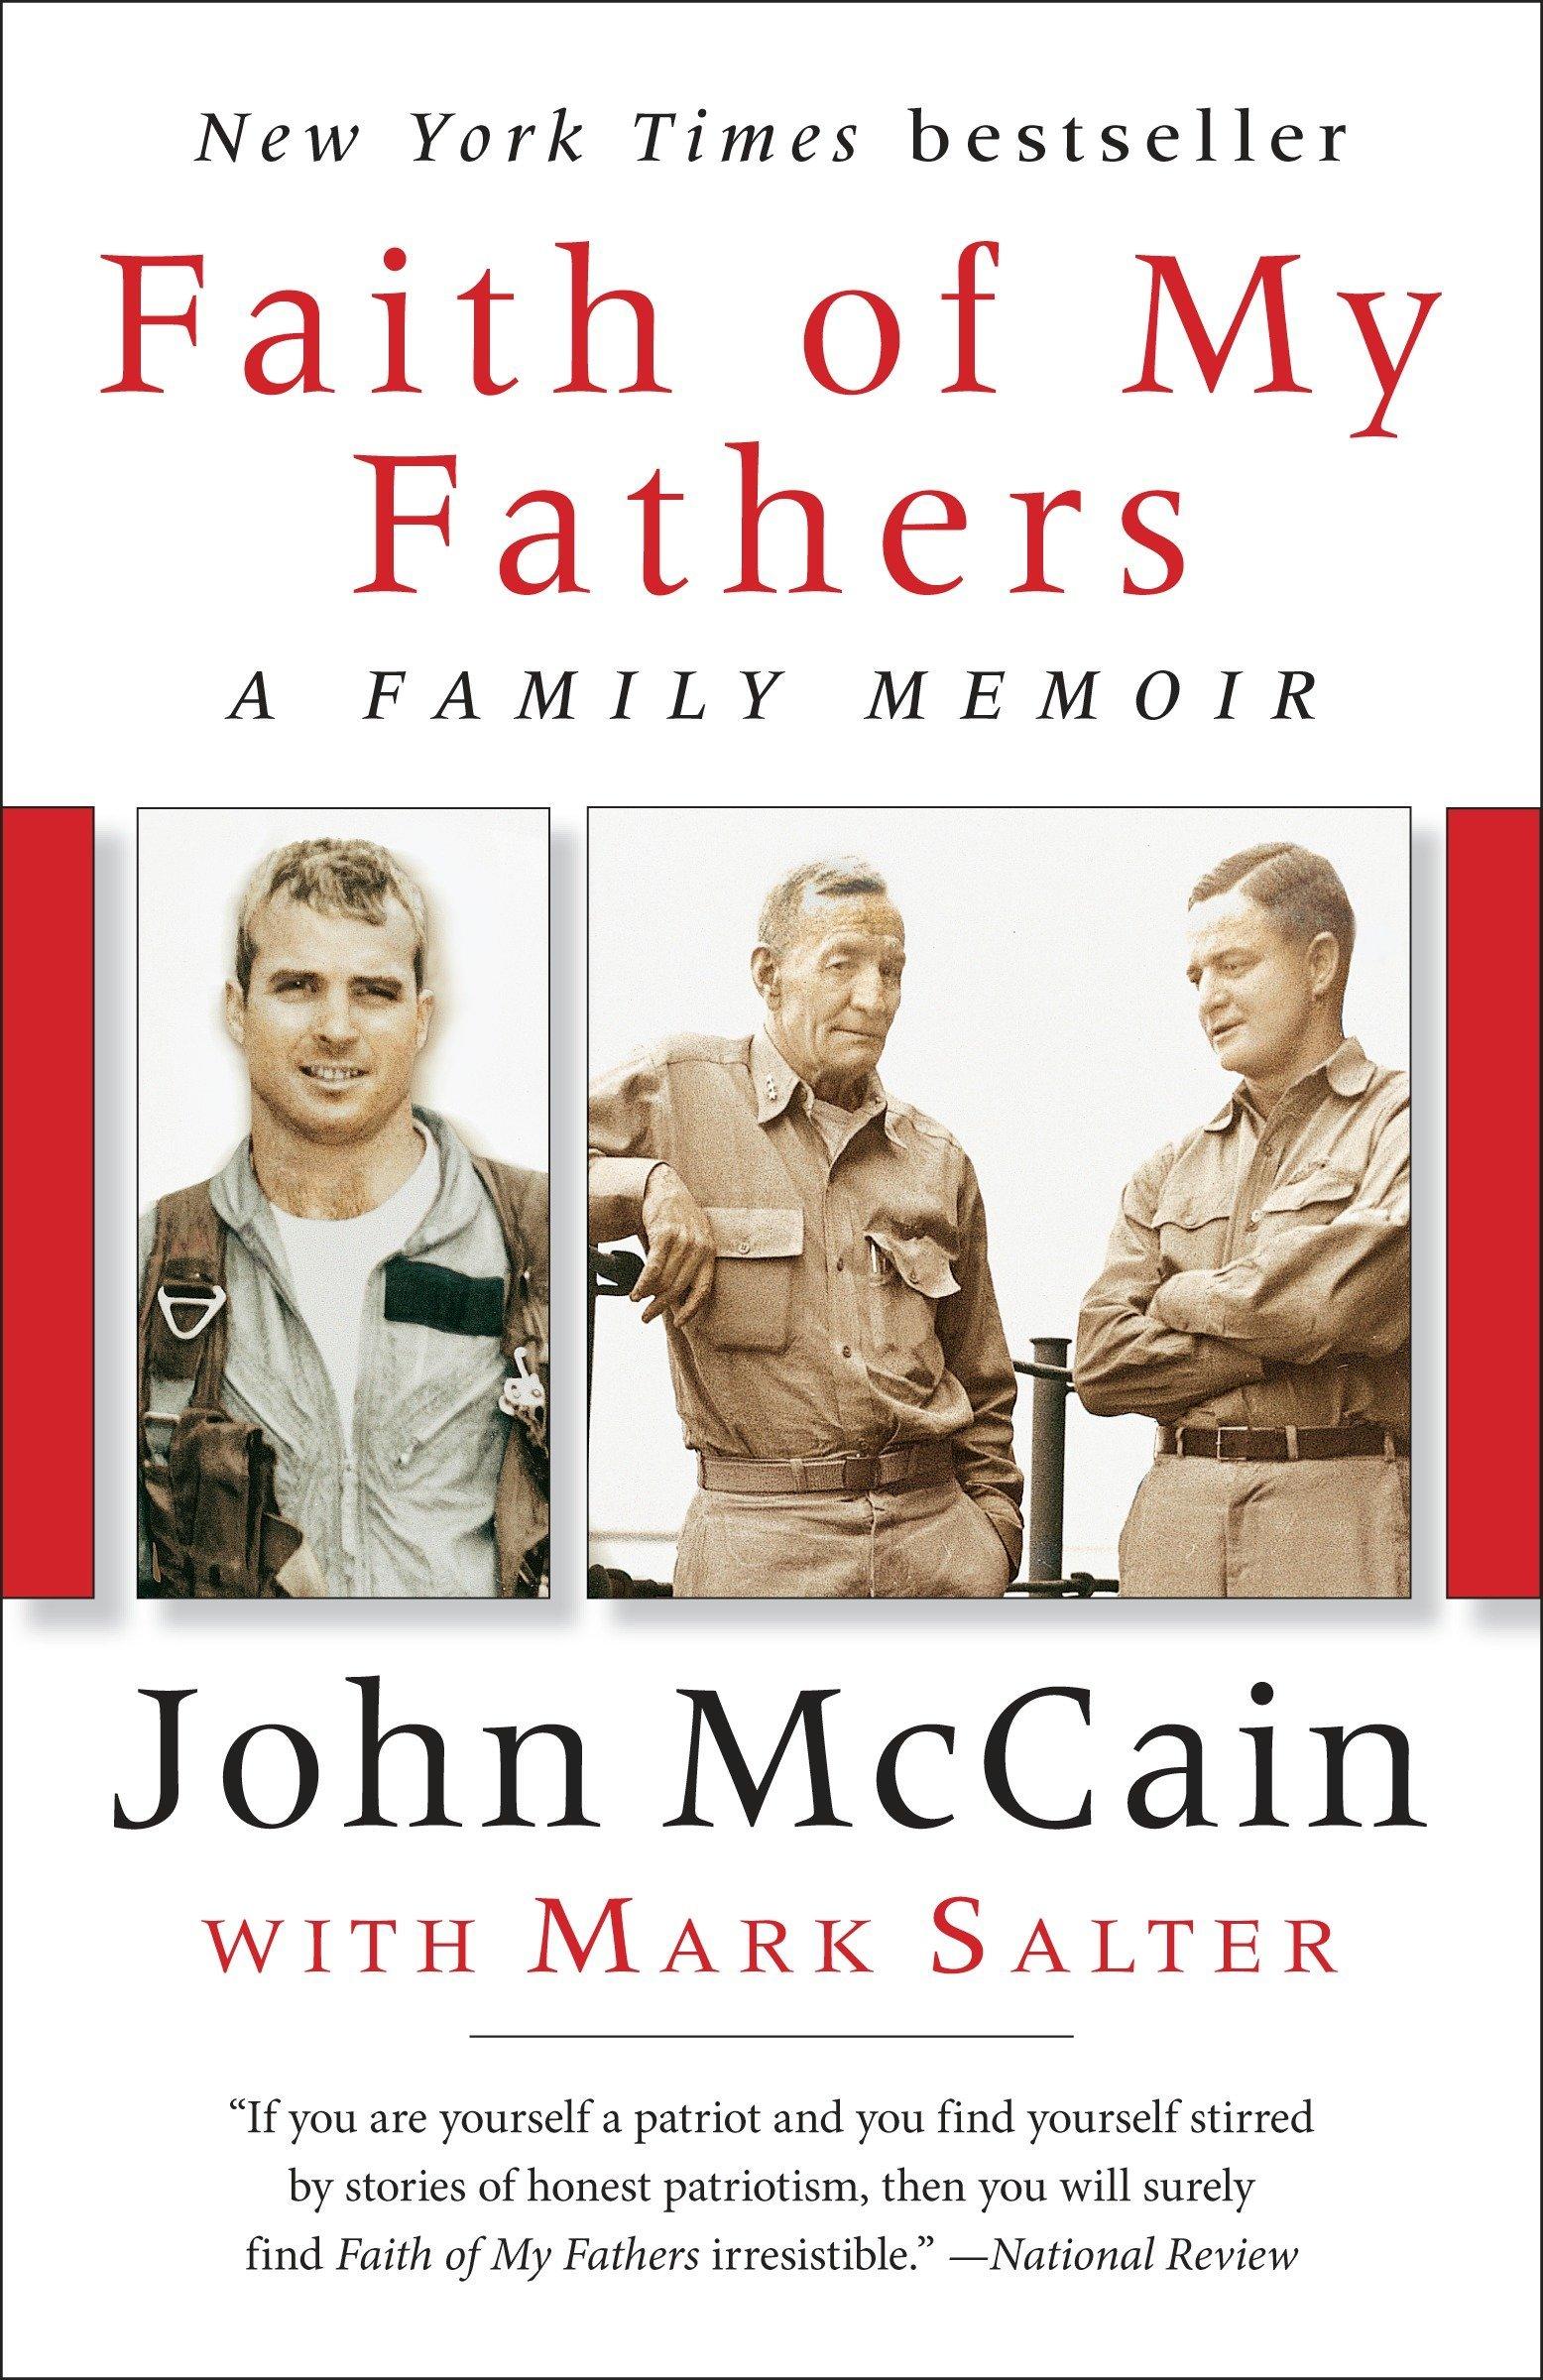 Amazon.com: Faith of My Fathers: A Family Memoir (9780399590894): John  McCain, Mark Salter: Books